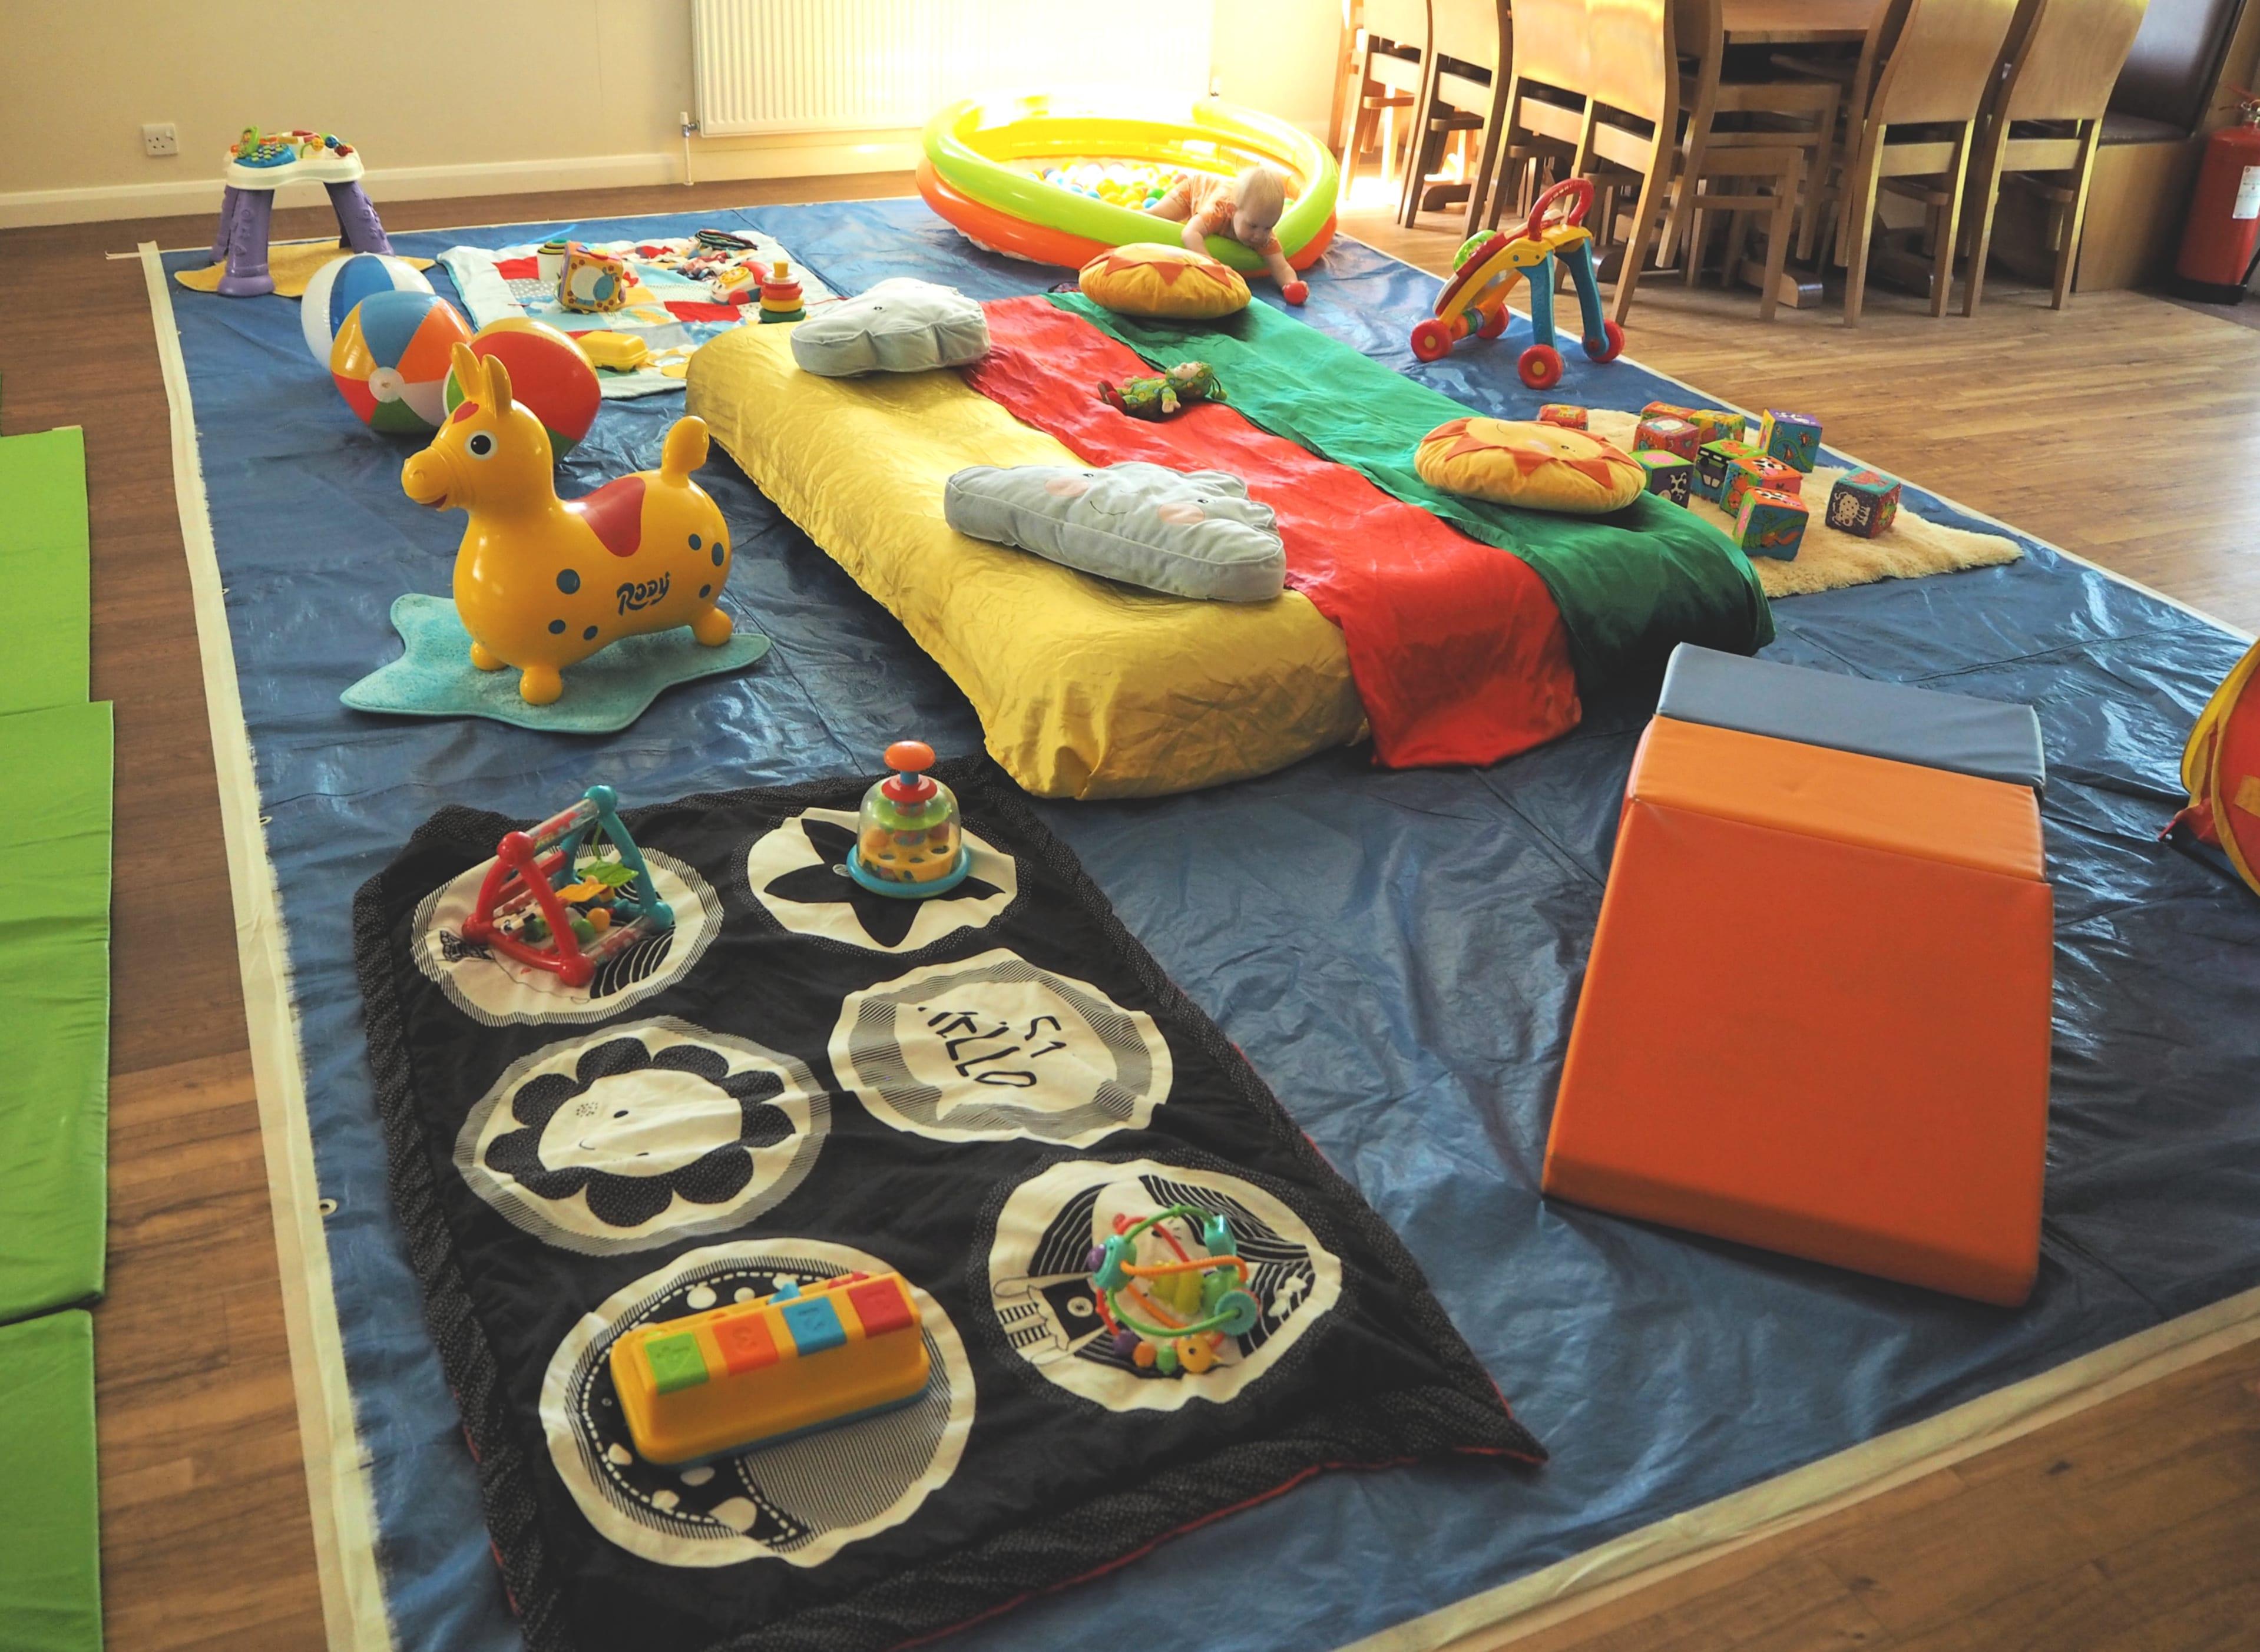 Baby Sensory play area